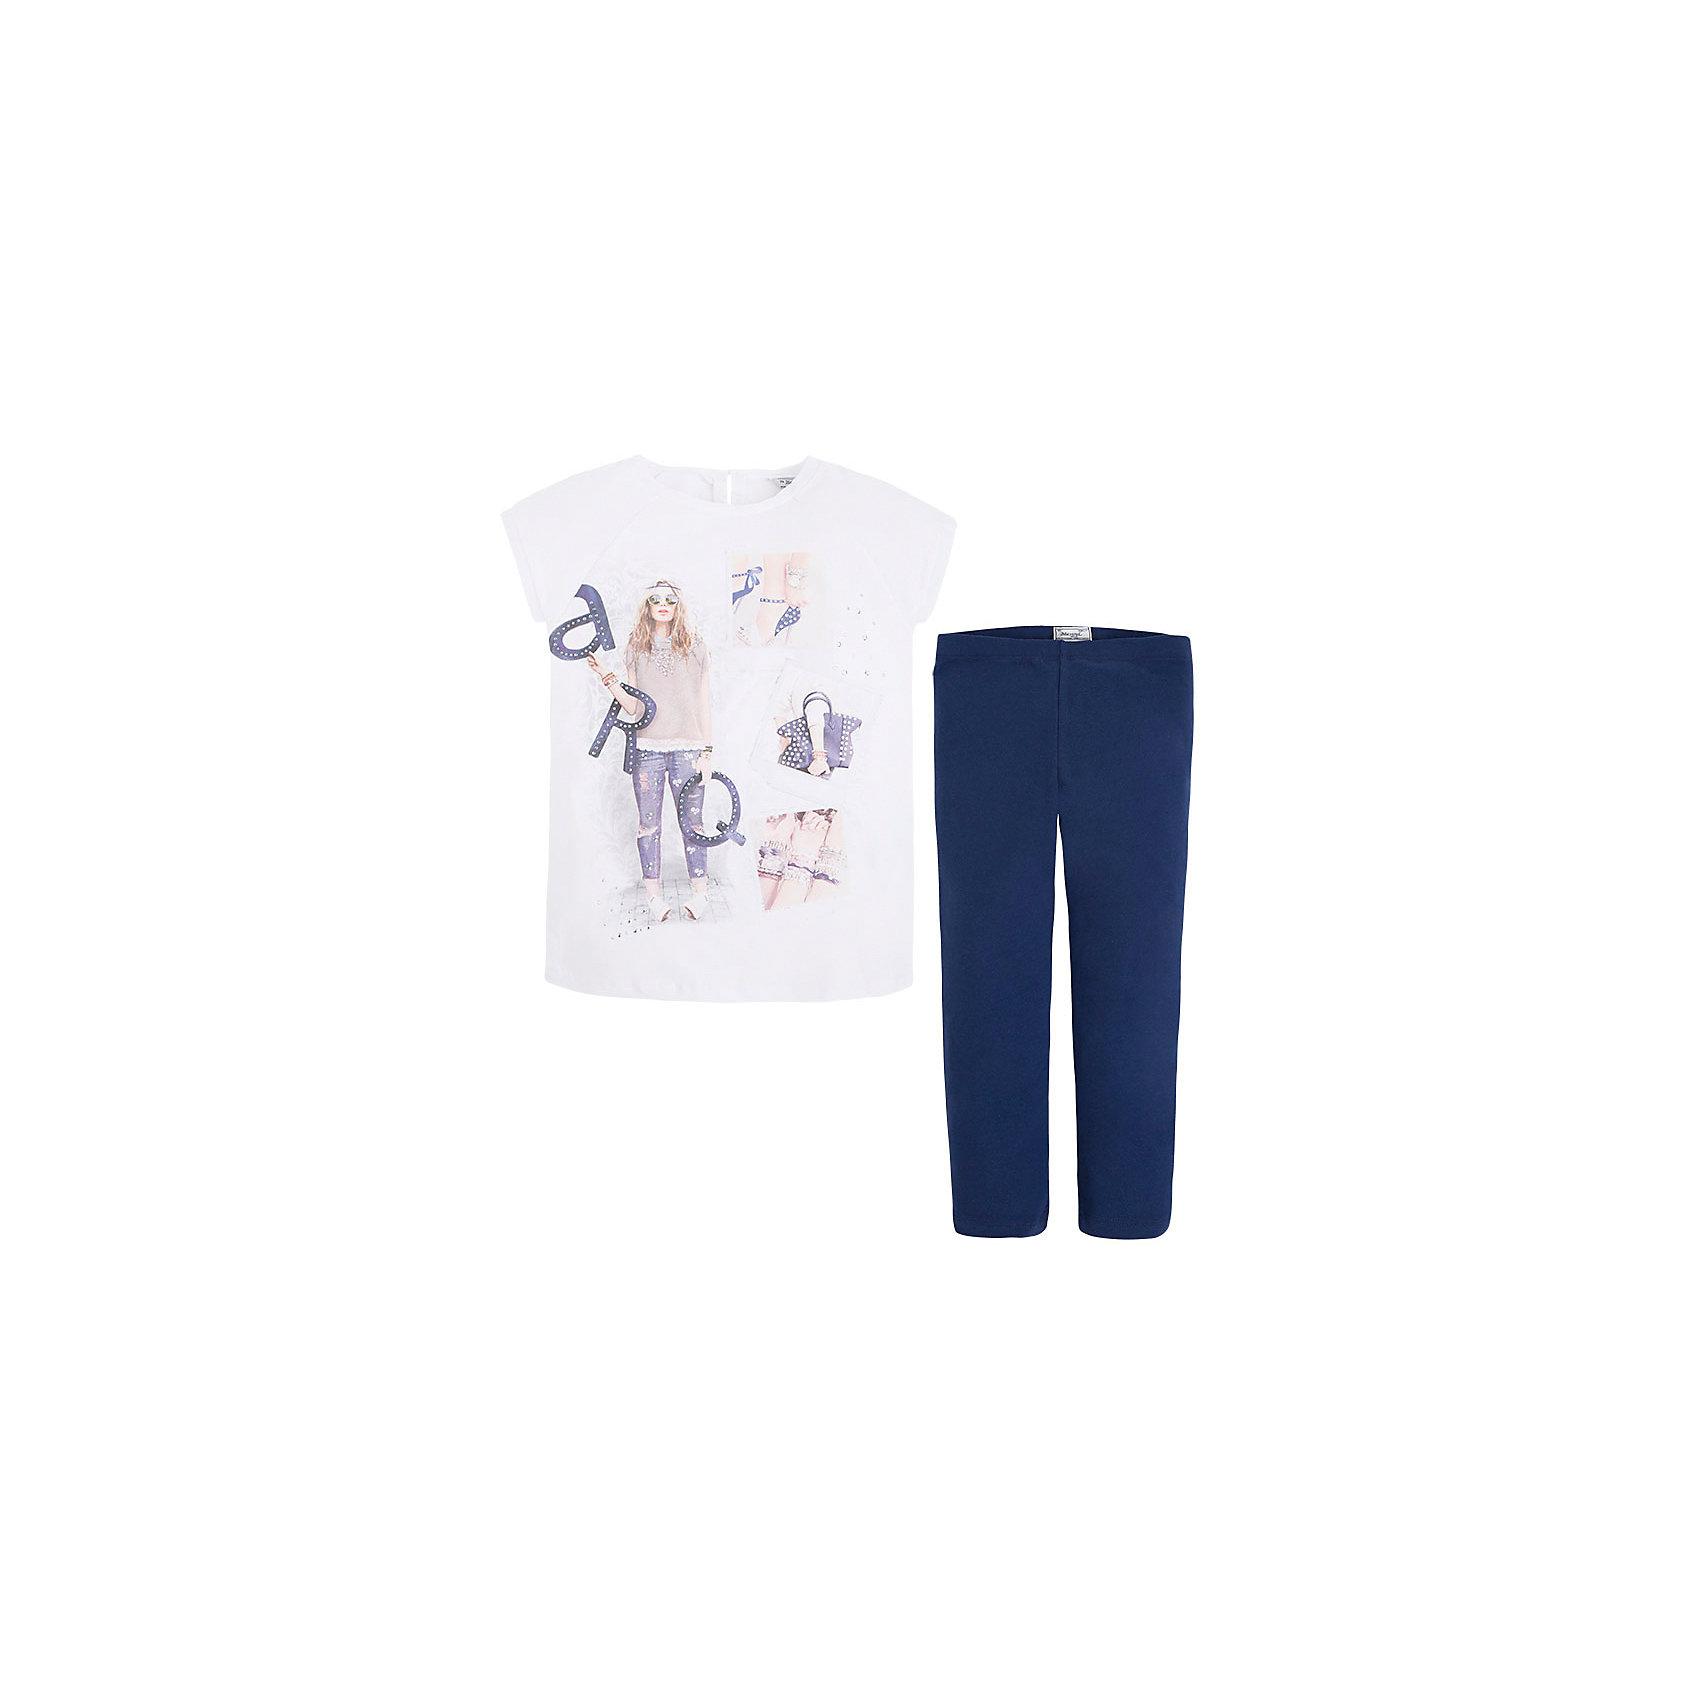 Комплект для девочки: леггинсы и футболка MayoralКомплект: леггинсы и футболка для девочки от испанской марки Mayoral приведет в восторг юных модниц и займет достойное место в летнем гардеробе. <br><br>Дополнительная информация:<br><br>- Мягкая, приятная на ощупь ткань.<br>- Футболка прямого кроя.<br>- Застегивается на пуговицу на спине.<br>- Округлый вырез горловины.<br>- Футболка украшена принтом и стразами.<br>- Леггинсы на эластичном поясе на резинке.<br>- Состав: 57% хлопок, 40% полиэстер, 3% эластан.<br><br>Комплект: леггинсы и футболку для девочки Mayoral (Майорал) можно купить в нашем магазине.<br><br>Ширина мм: 123<br>Глубина мм: 10<br>Высота мм: 149<br>Вес г: 209<br>Цвет: синий<br>Возраст от месяцев: 132<br>Возраст до месяцев: 144<br>Пол: Женский<br>Возраст: Детский<br>Размер: 152,158,140,164,170,128<br>SKU: 4543511